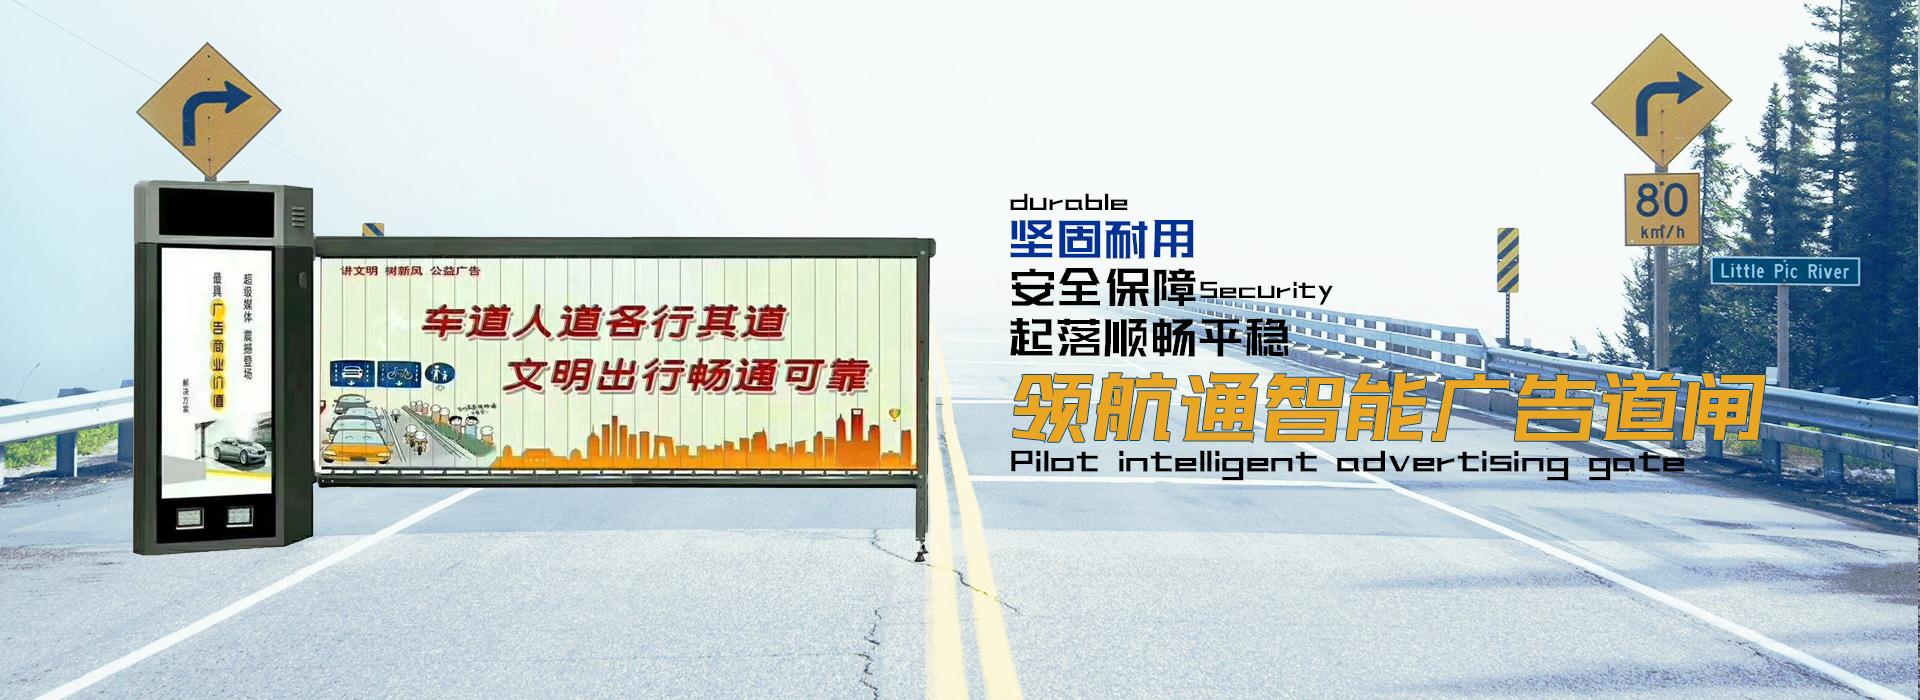 河南智能道闸,郑州车牌识别系统,智能道闸